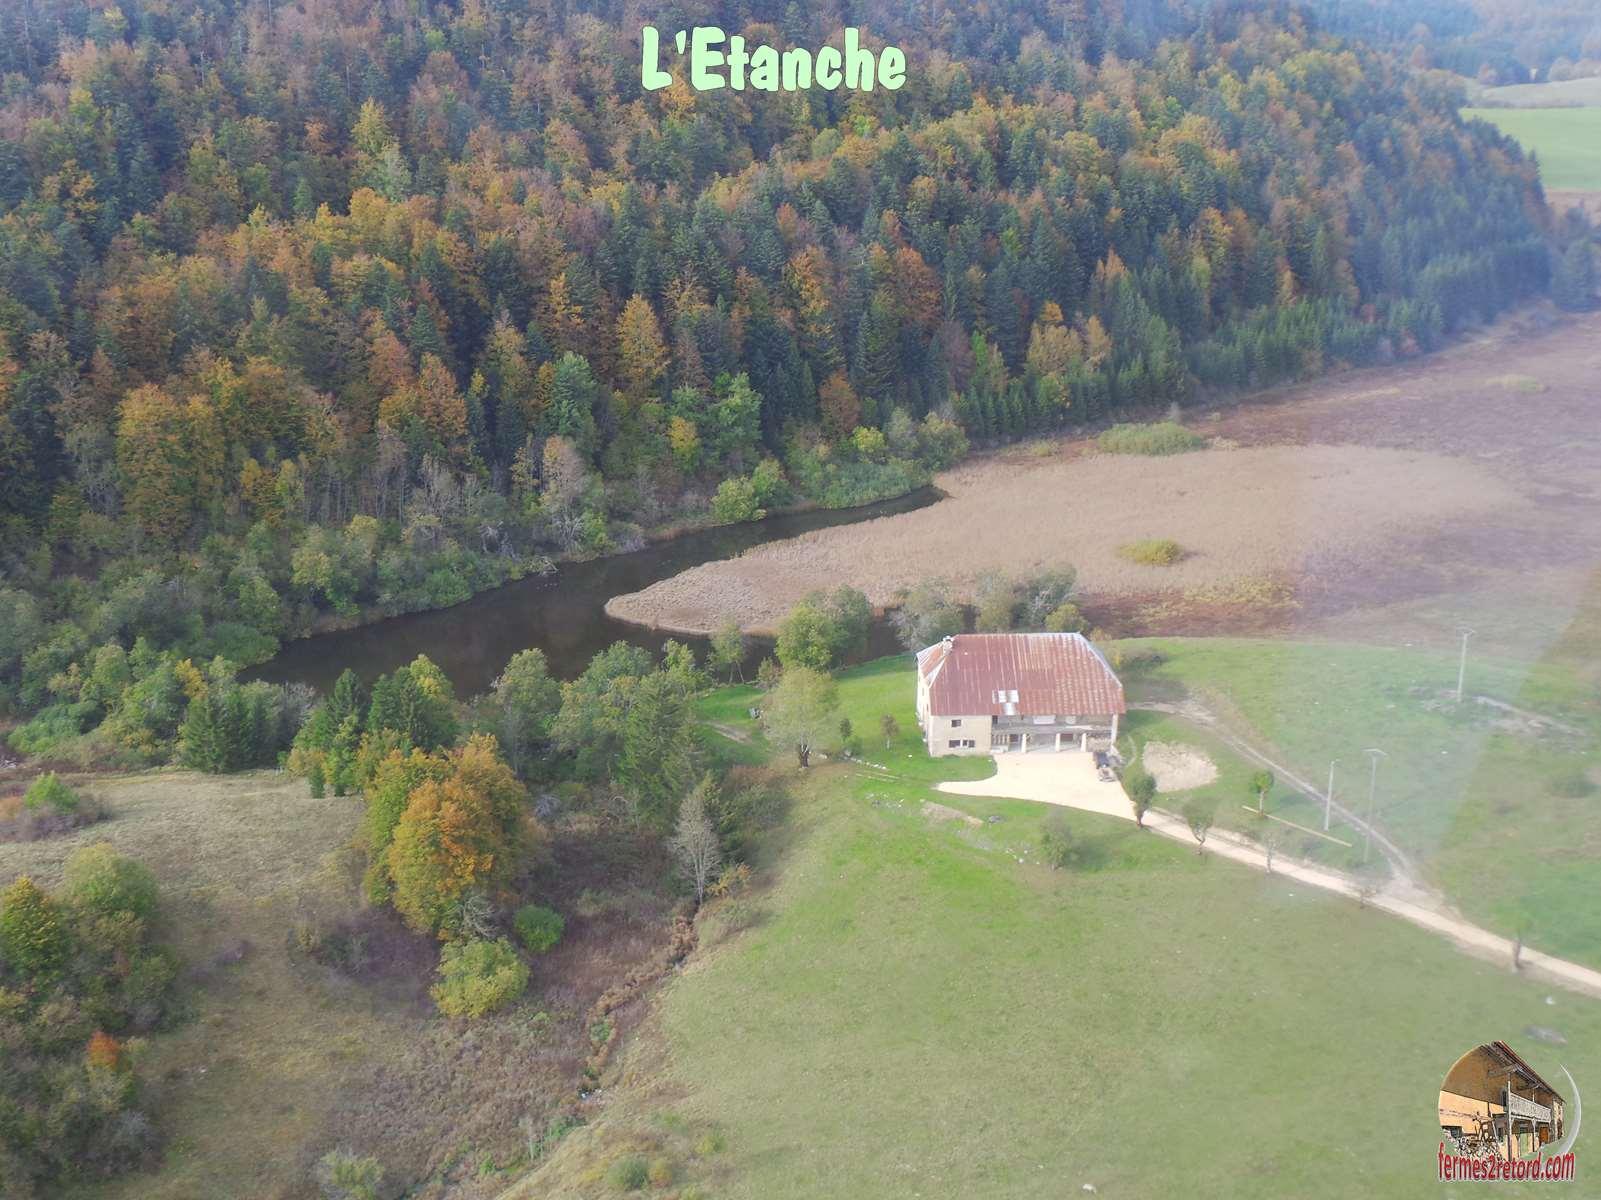 Etanche2.jpg